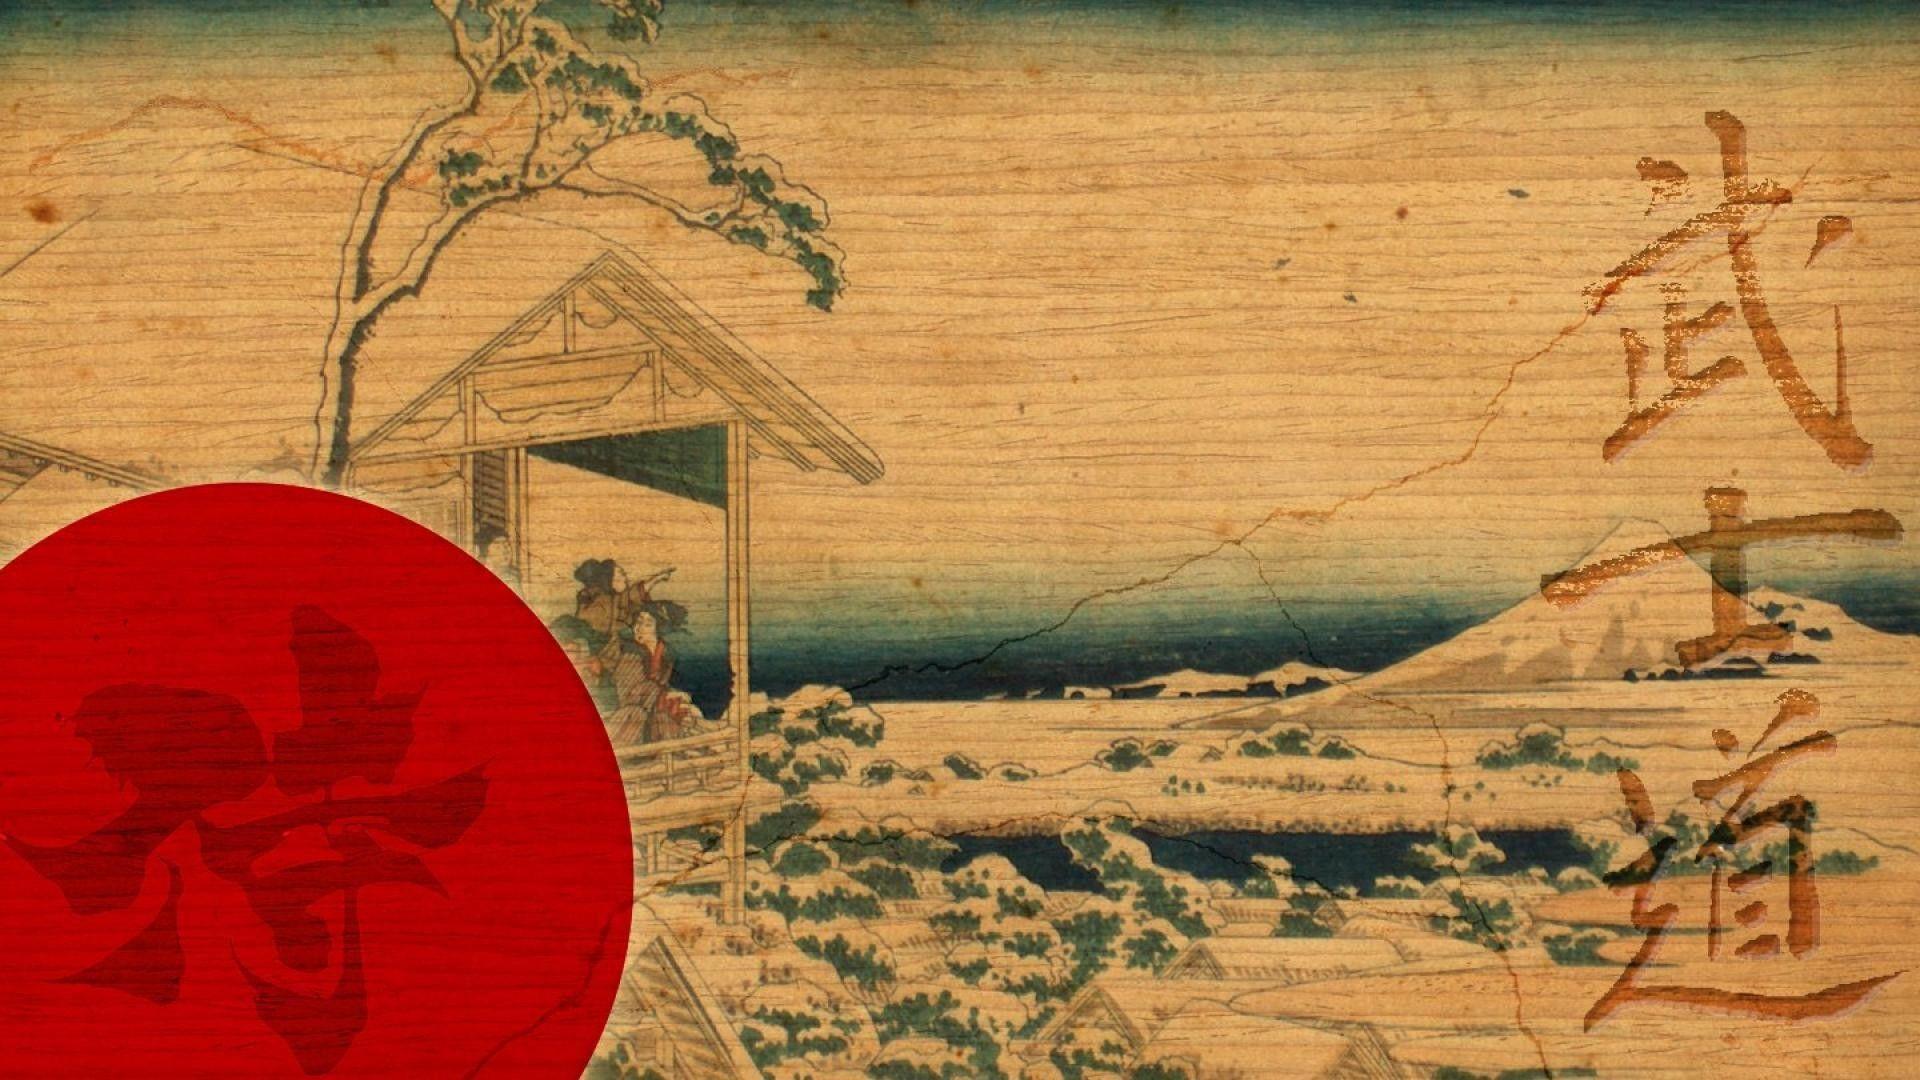 Japan Art Wallpapers - Wallpaper Cave